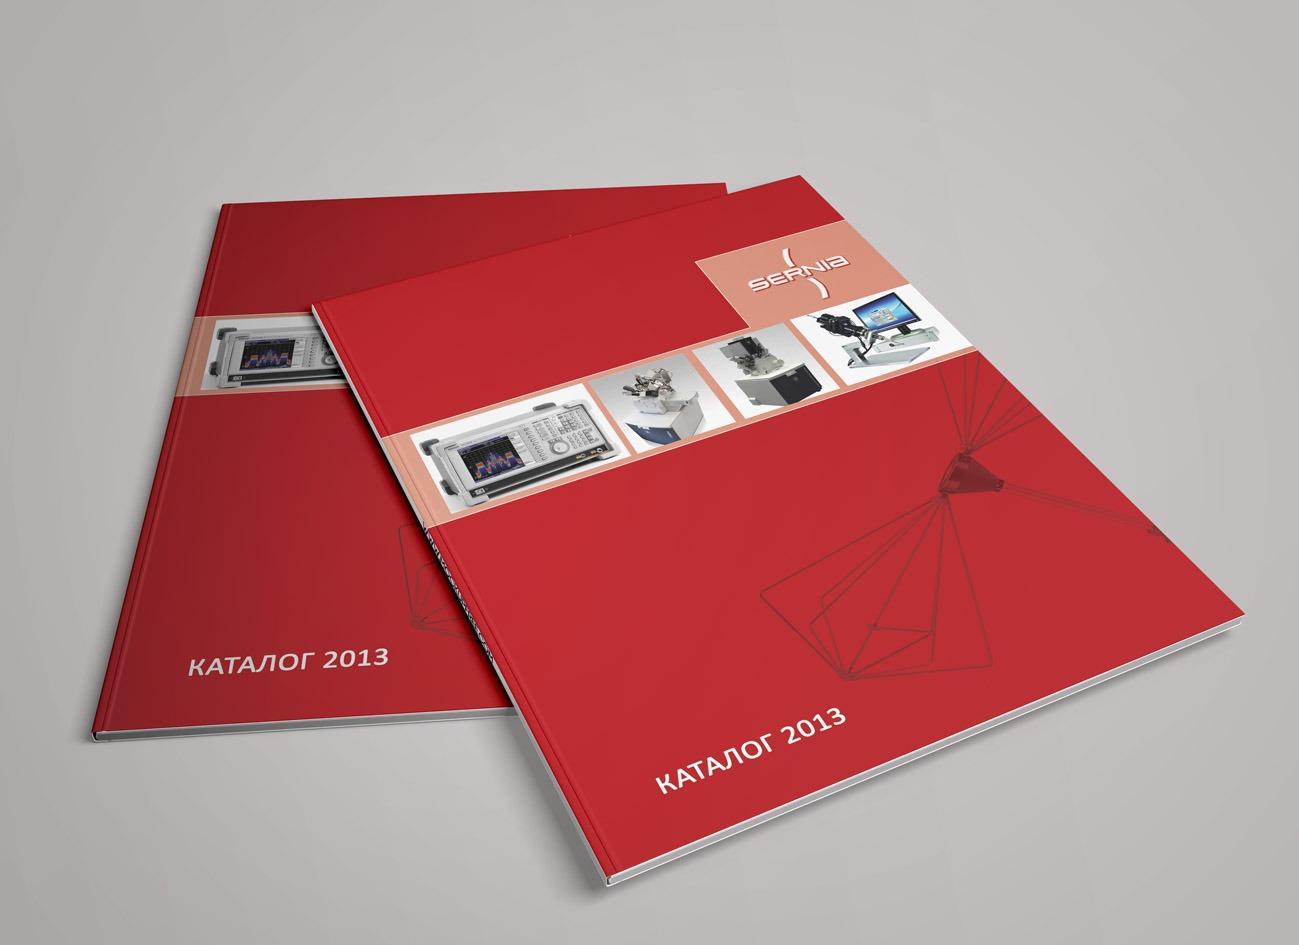 серния, дизайн и верстка каталога